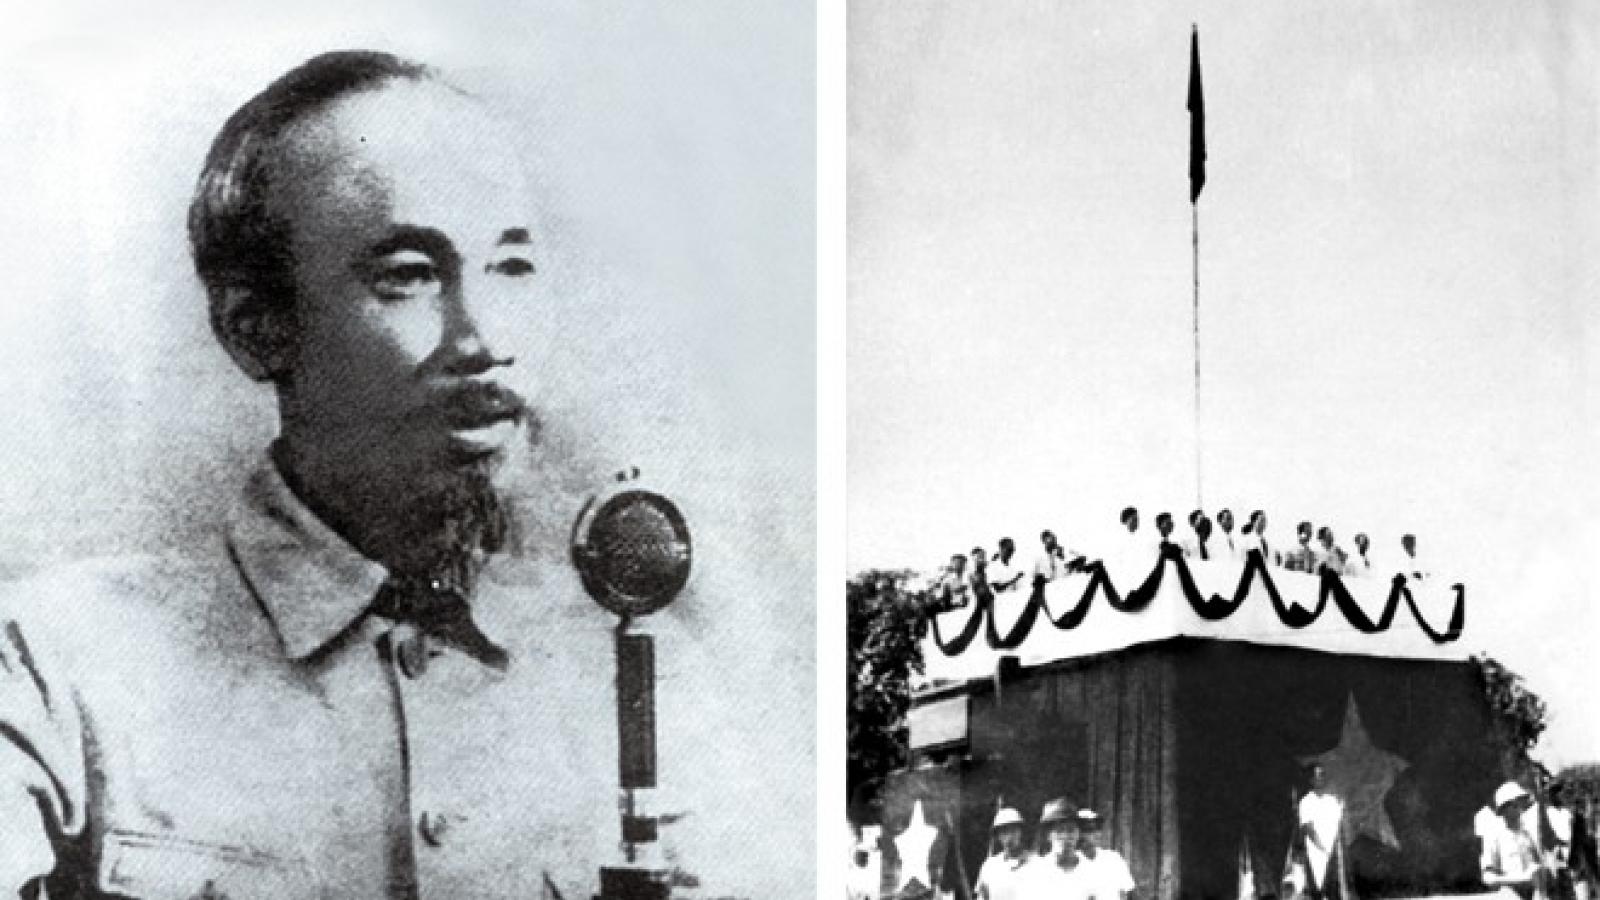 Chuyện kể của những người bảo vệ Lễ đài ngày độc lập (2/9/1945)